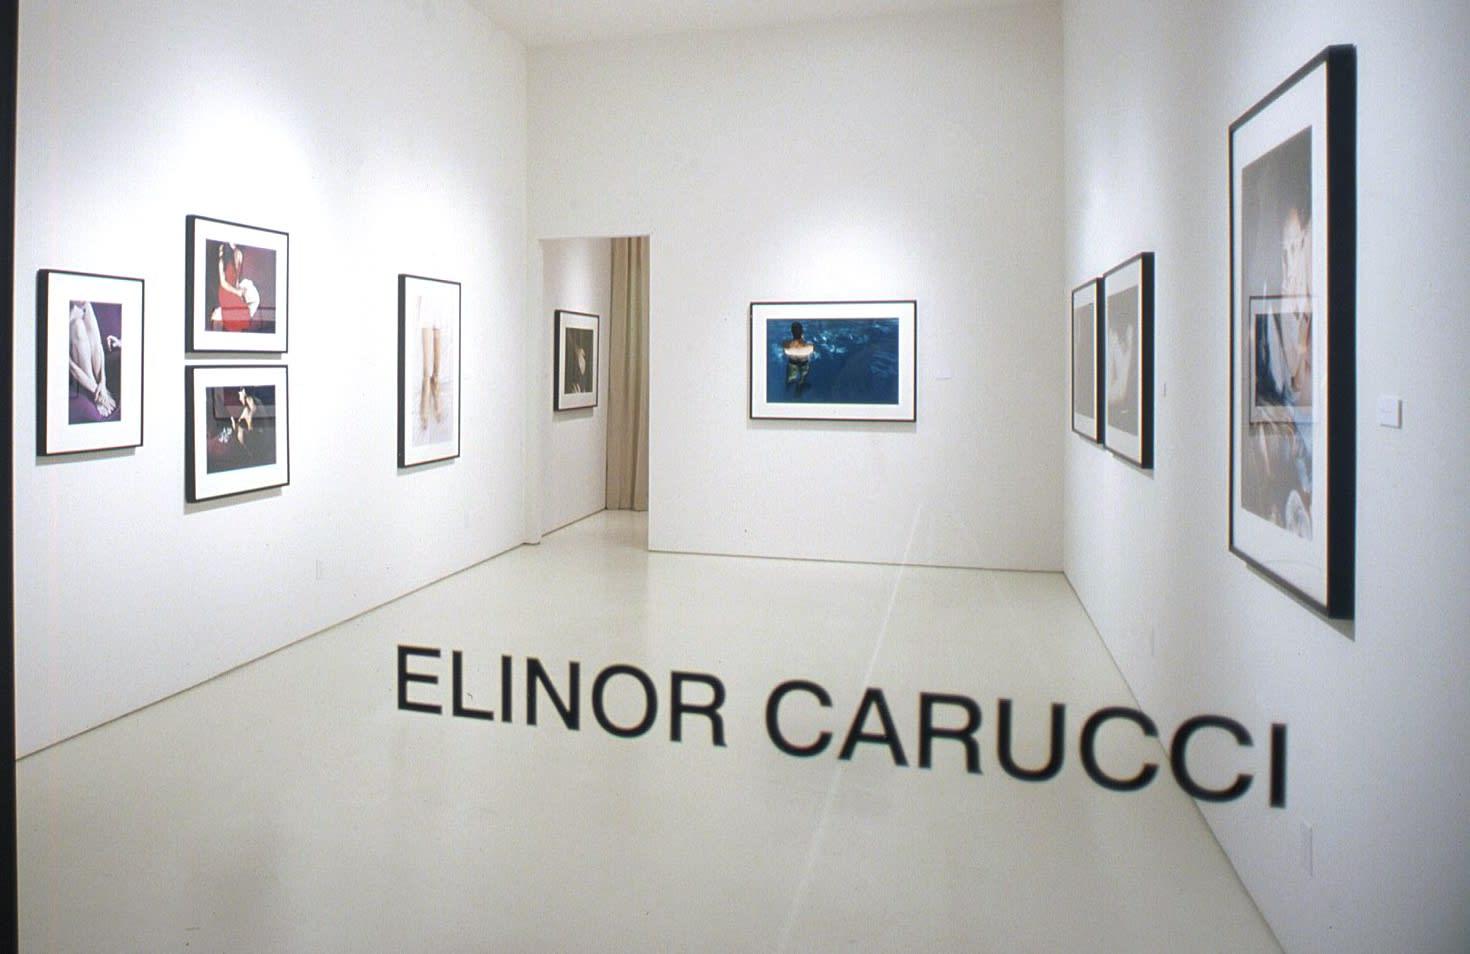 Elinor Carucci | Closer